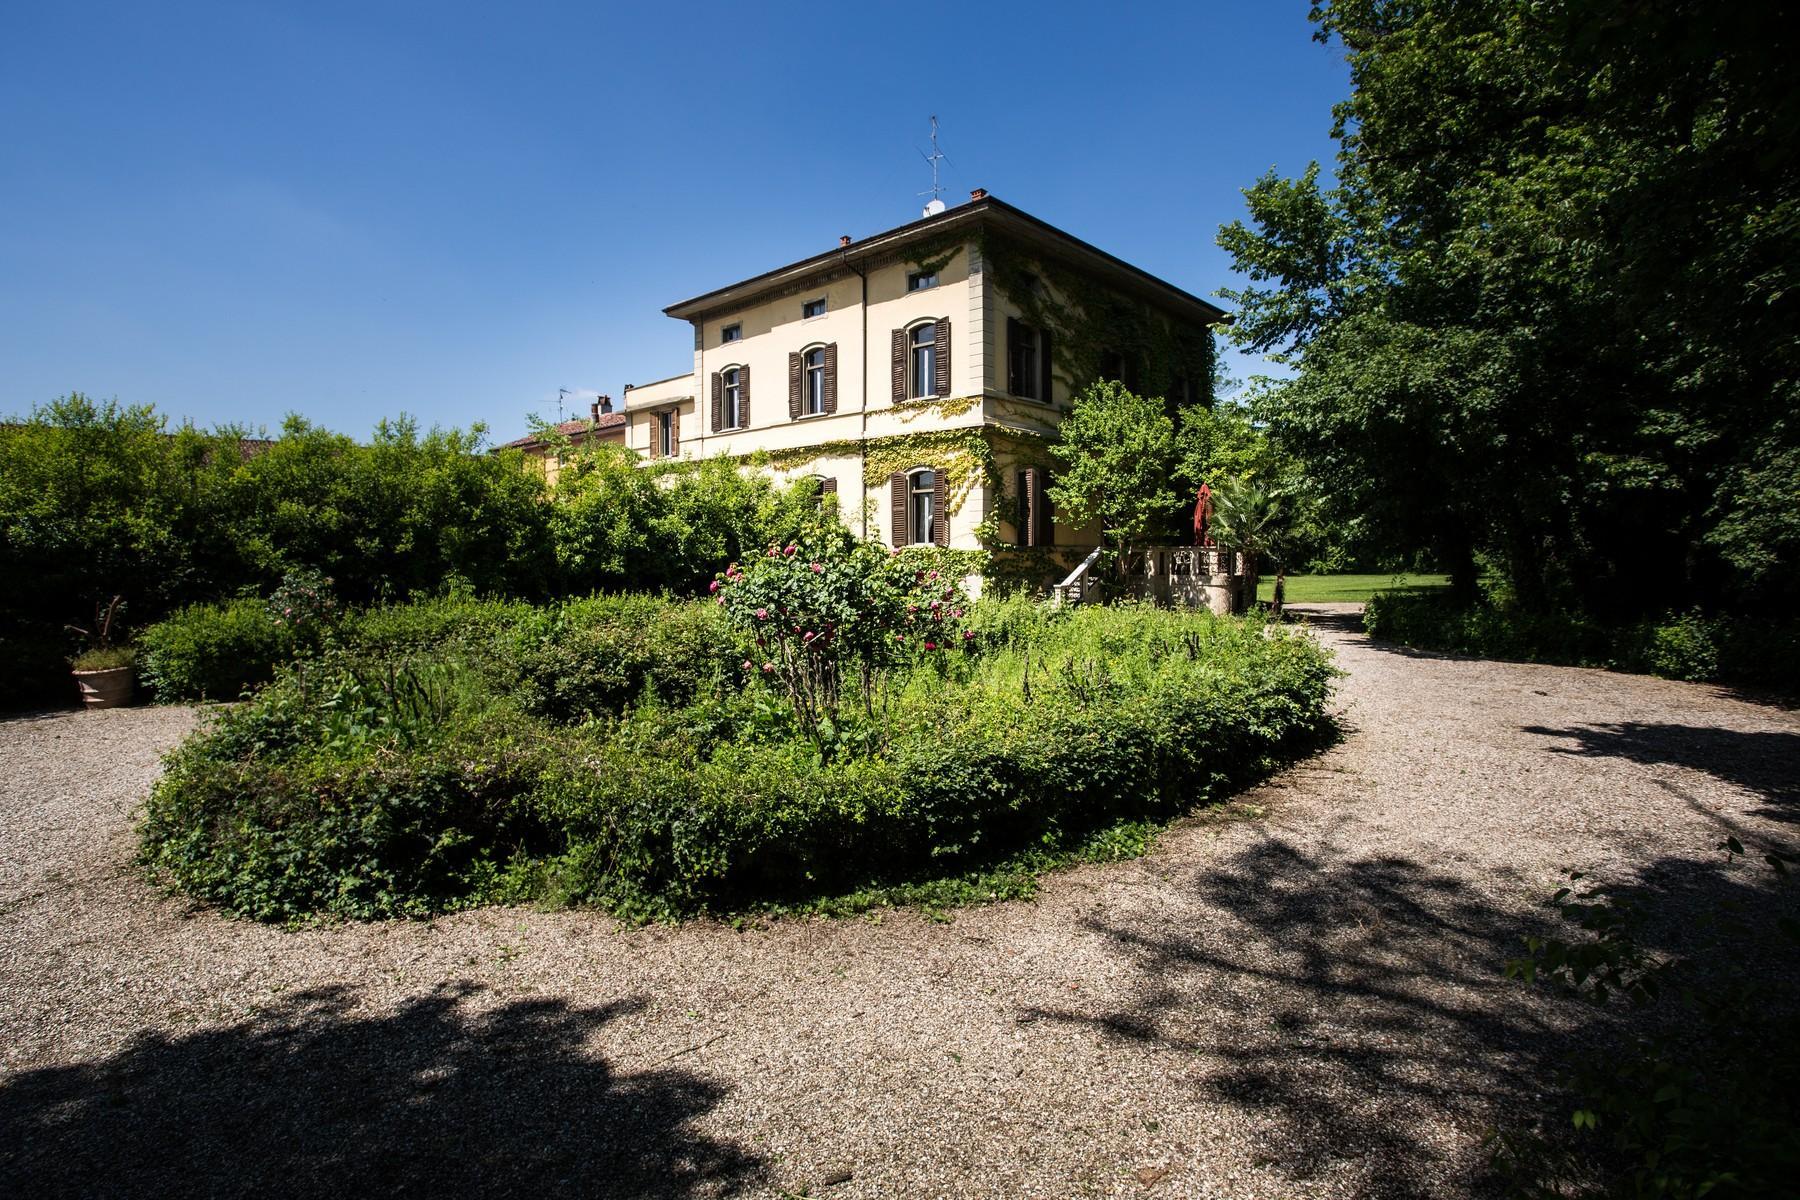 位于Cremona乡村内且拥有大公园的历史久远的别墅 - 1